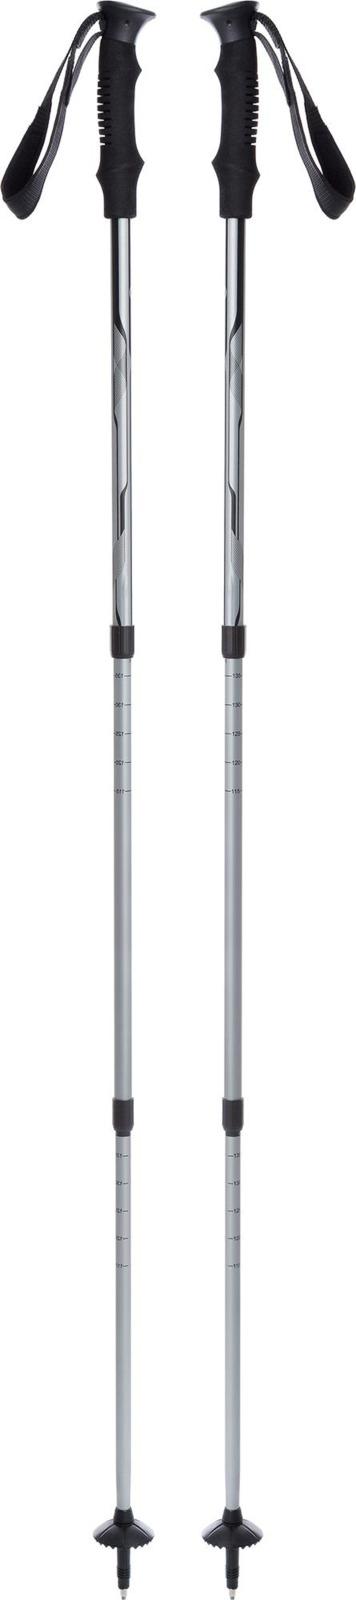 Палки для ходьбы Outventure ex-KE6301 Trekking Poles, EOUOE00602, серебряный outventure стул outventure